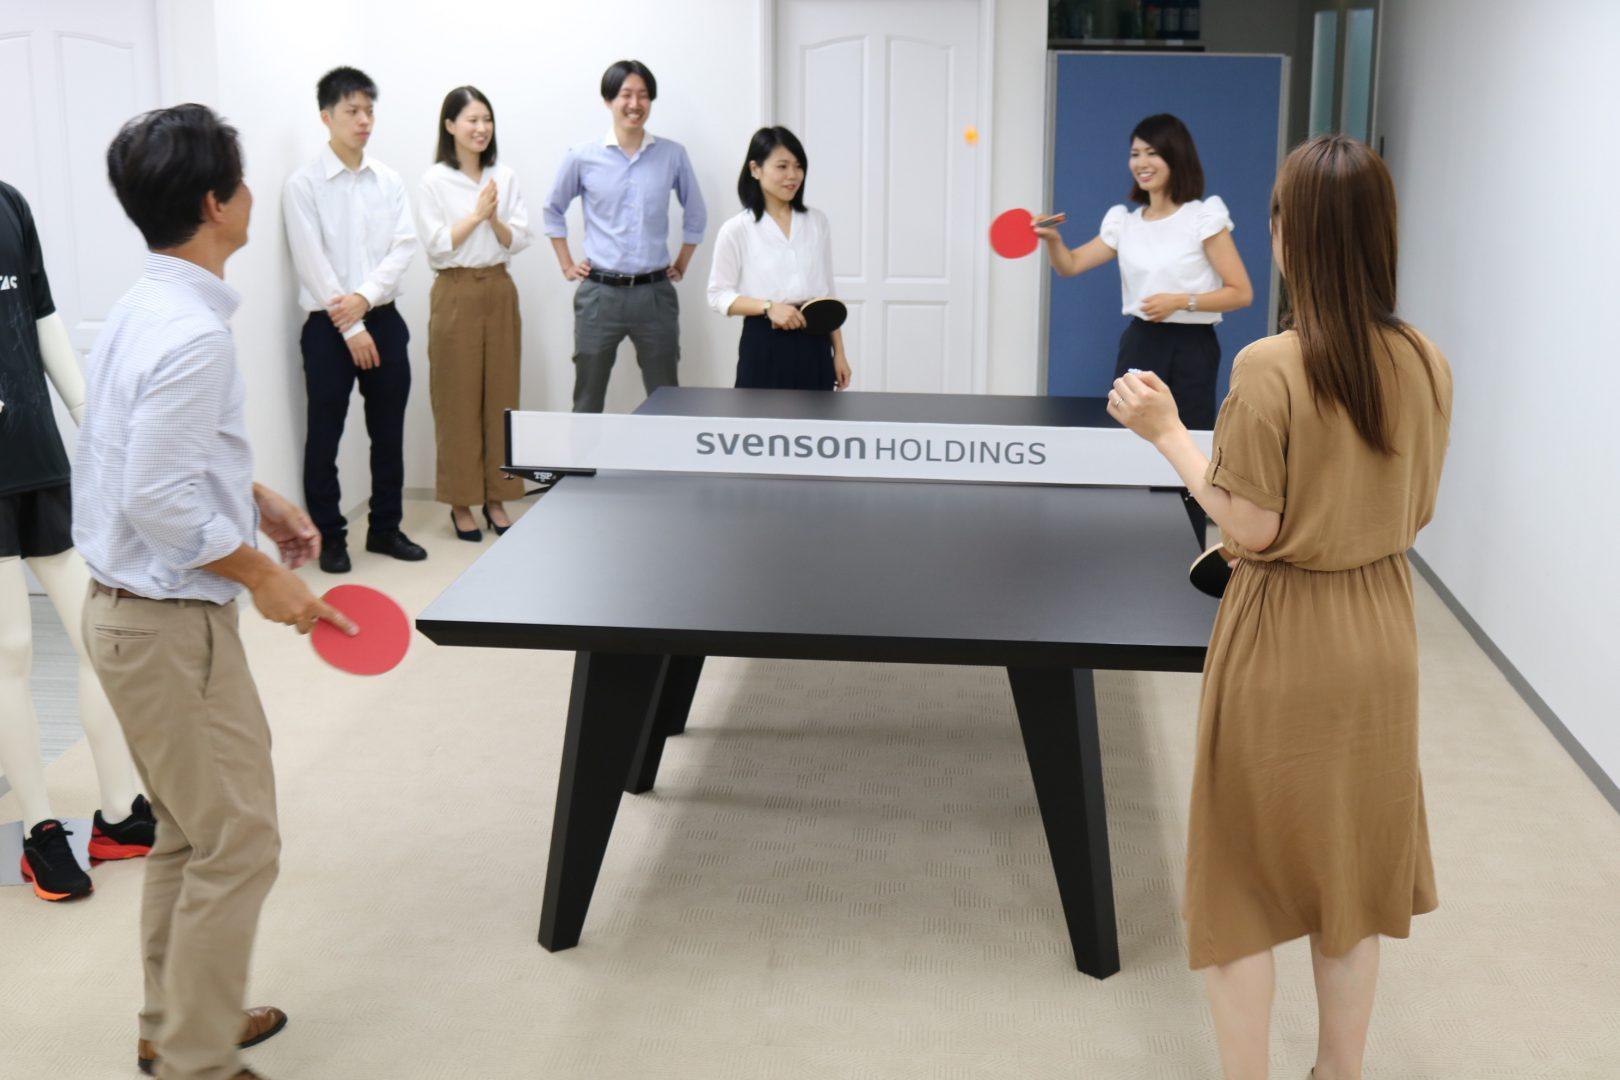 「卓球台をどこに置く?どう使う?」オフィス卓球の仕掛け人に聞いてみた 【特集 オフィスピンポン#2 SVENSON】